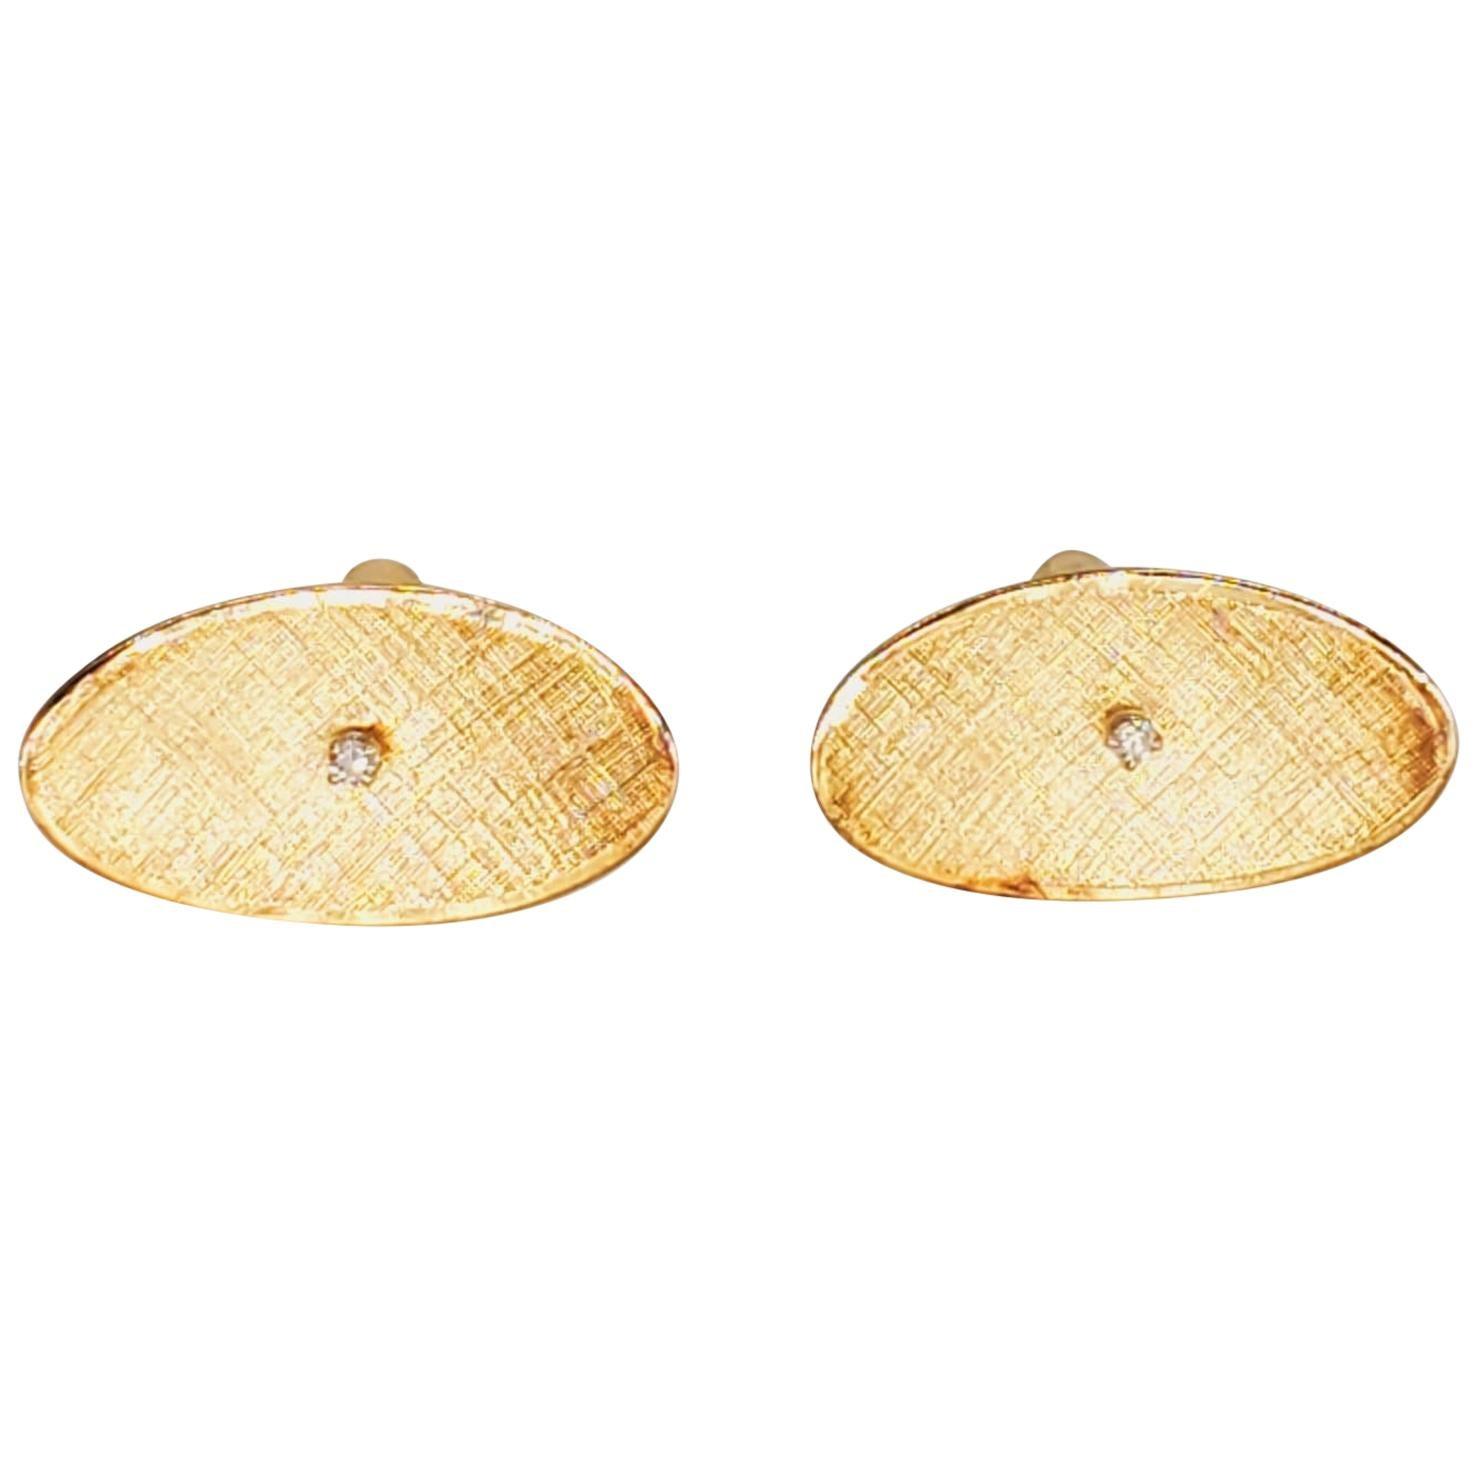 Vintage 0.10 Carat Diamonds Oval Cufflinks 14 Karat Gold